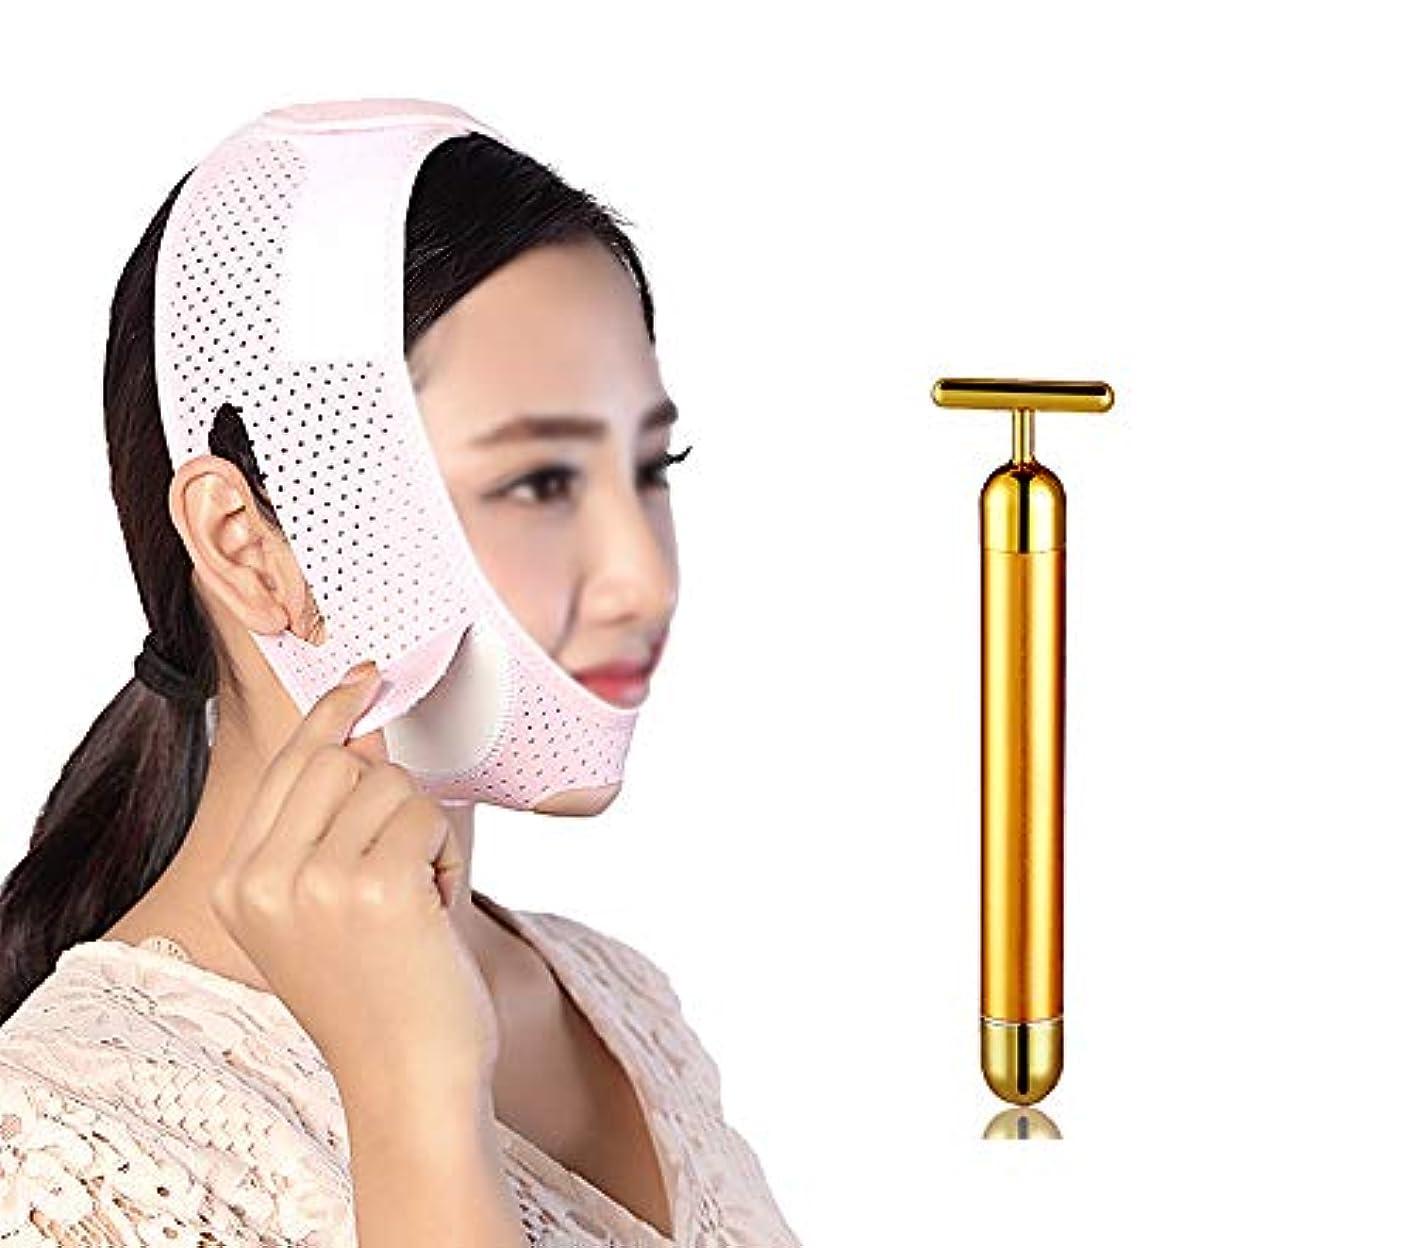 コールド極端な遊びます顔と首のリフト術後の弾性セットVフェイスマスクあごの収縮の調整を強化するVフェイスアーティファクト回復サポートベルト